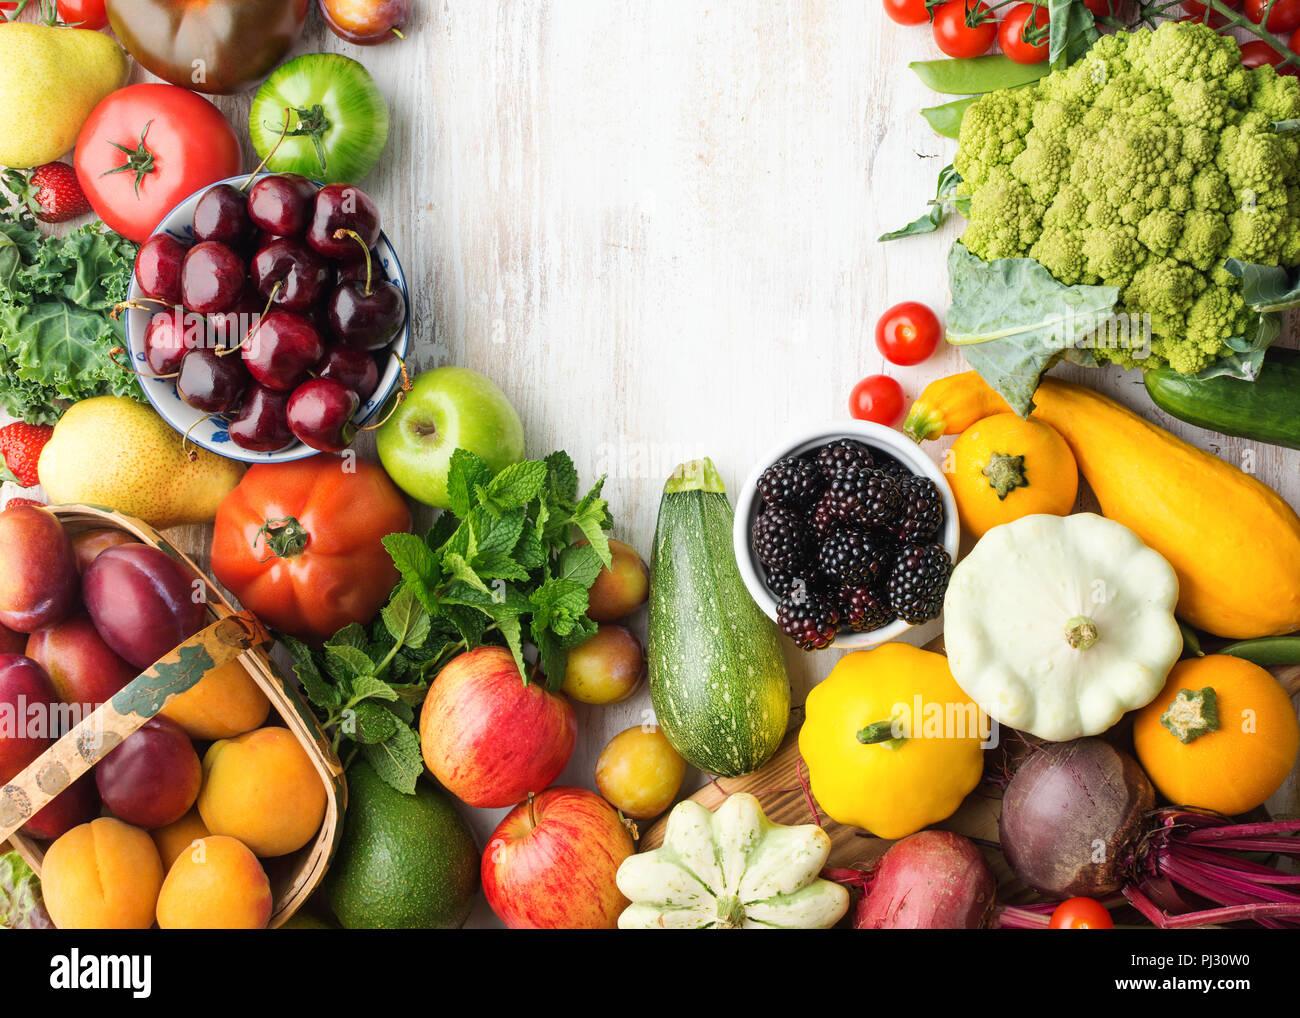 La saine alimentation, de l'été fruits légumes baies, cerises pêches prunes tomates courge brocoli haricots verts betterave, copie espace, vue du dessus, selective focus Photo Stock